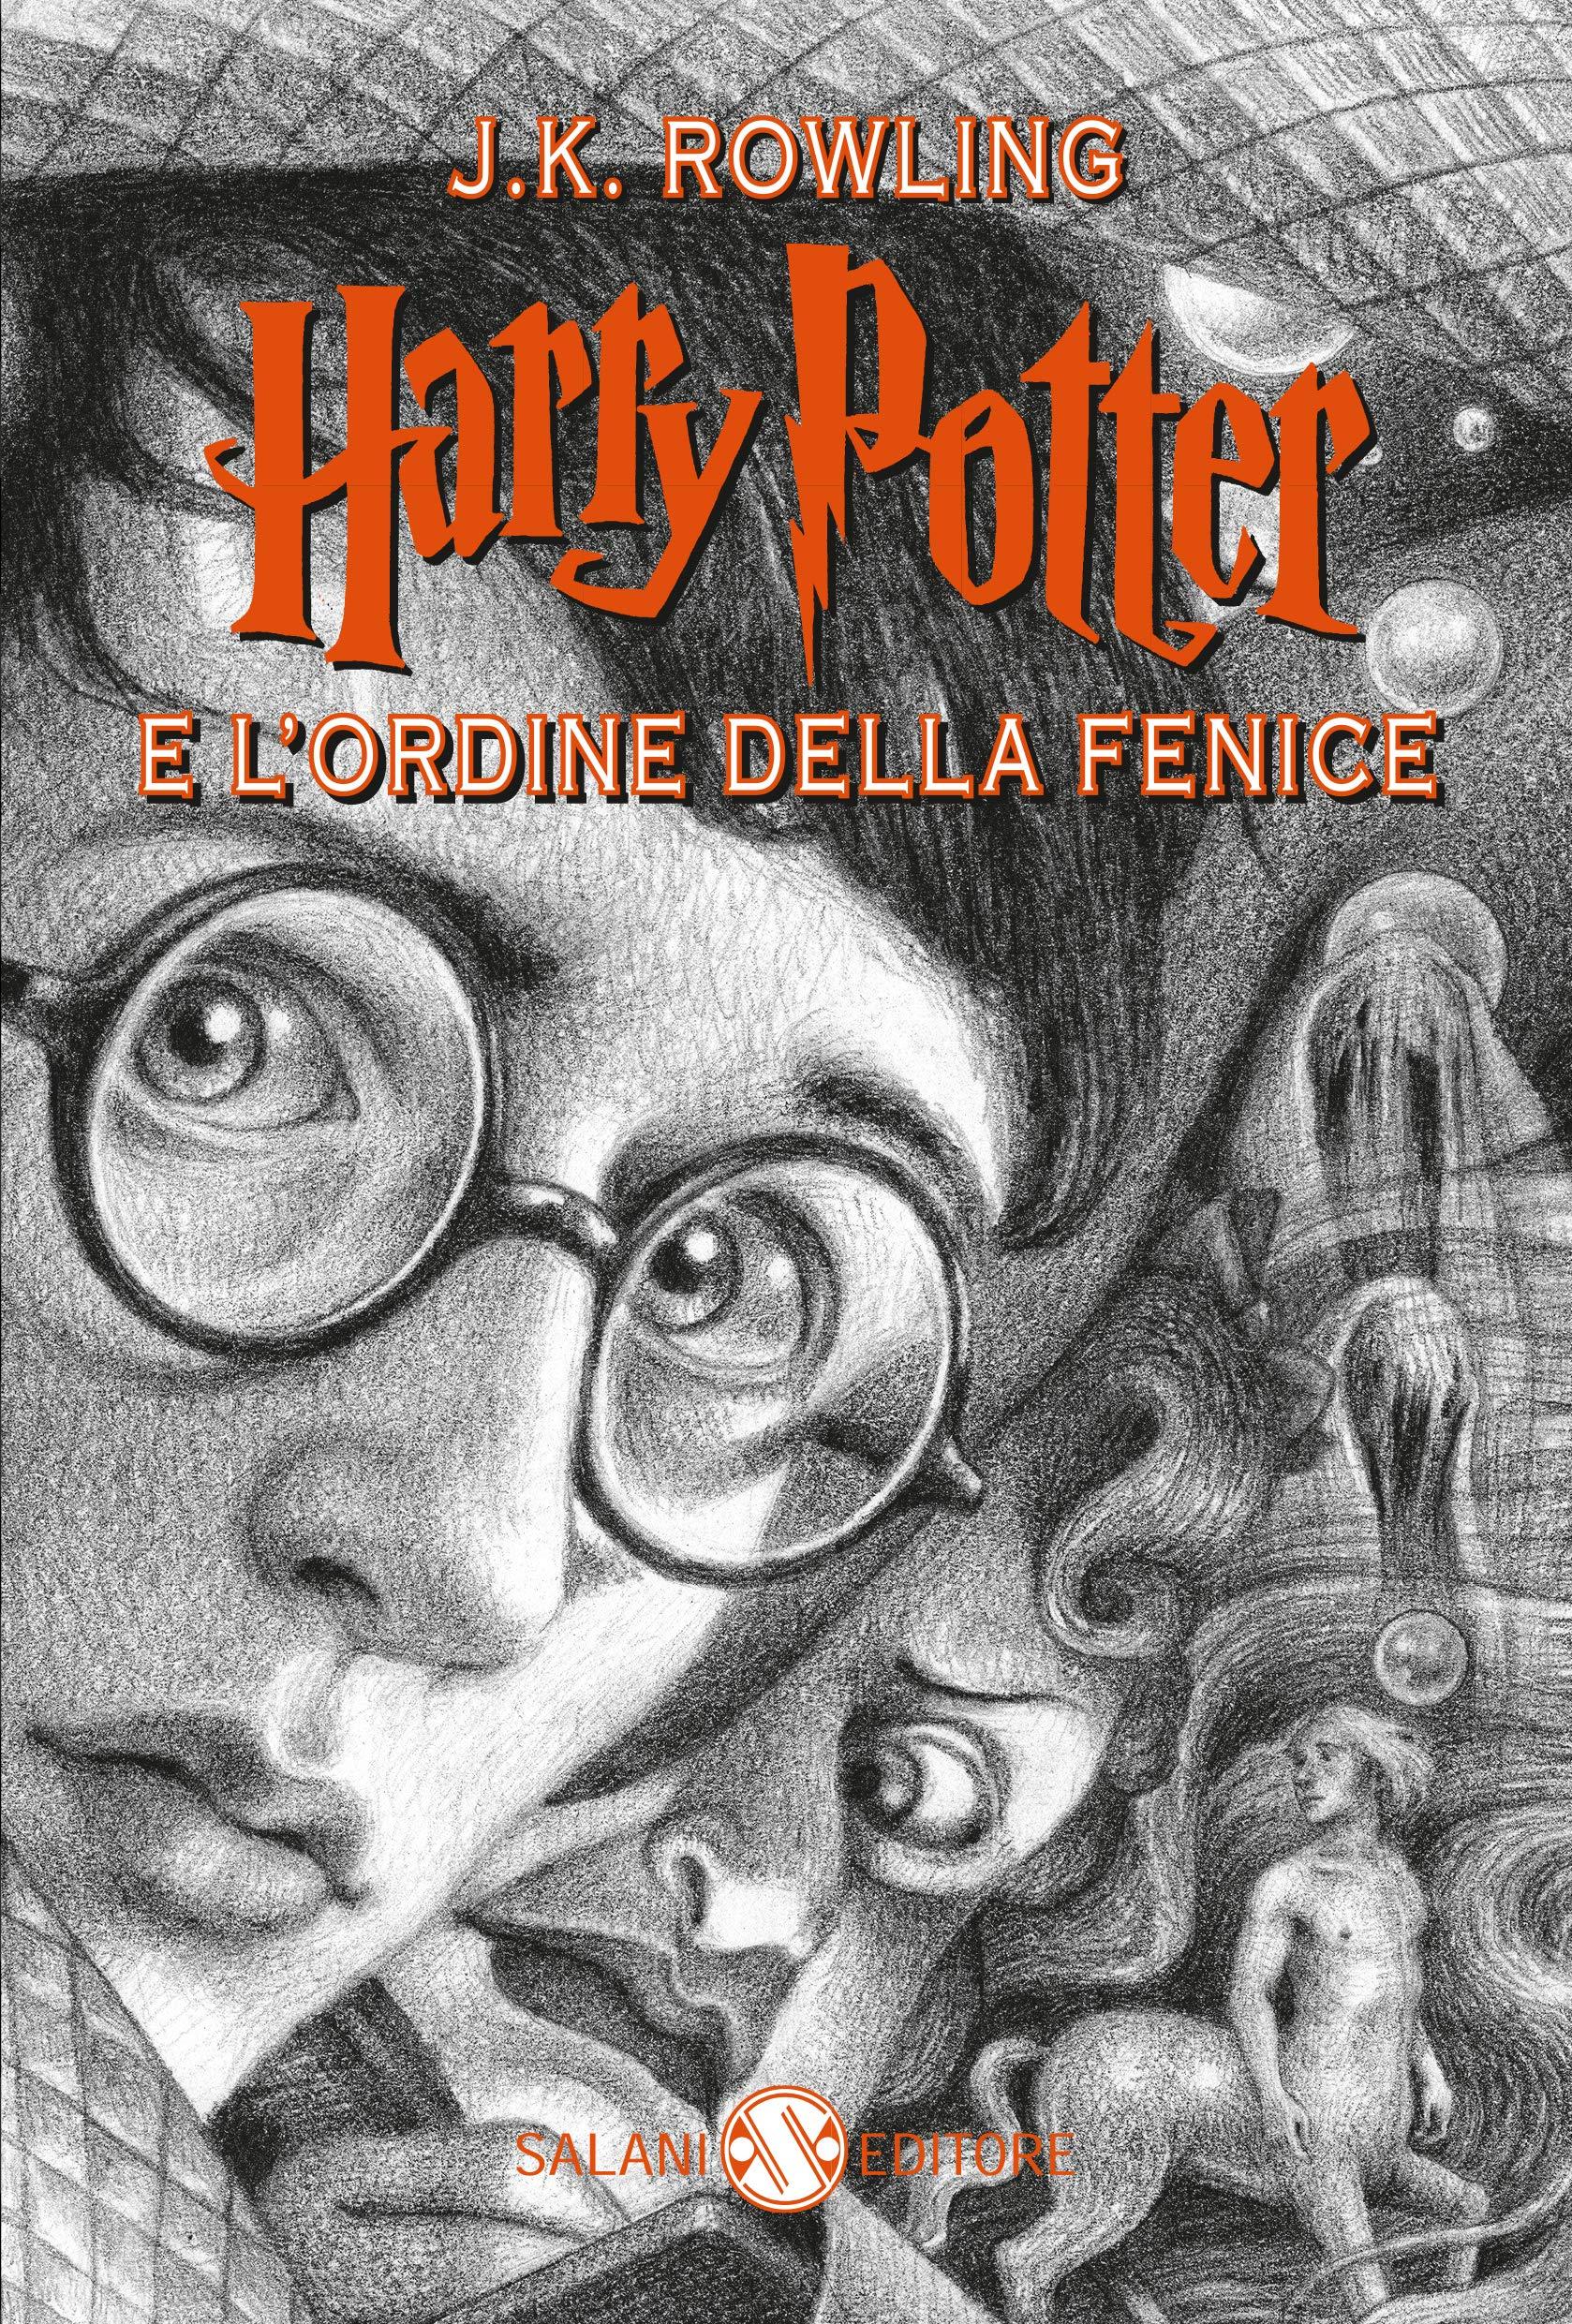 Harry Potter e l'Ordine della Fenice Anniversaio 20 Anni di Magia 2018 Brian Selznick